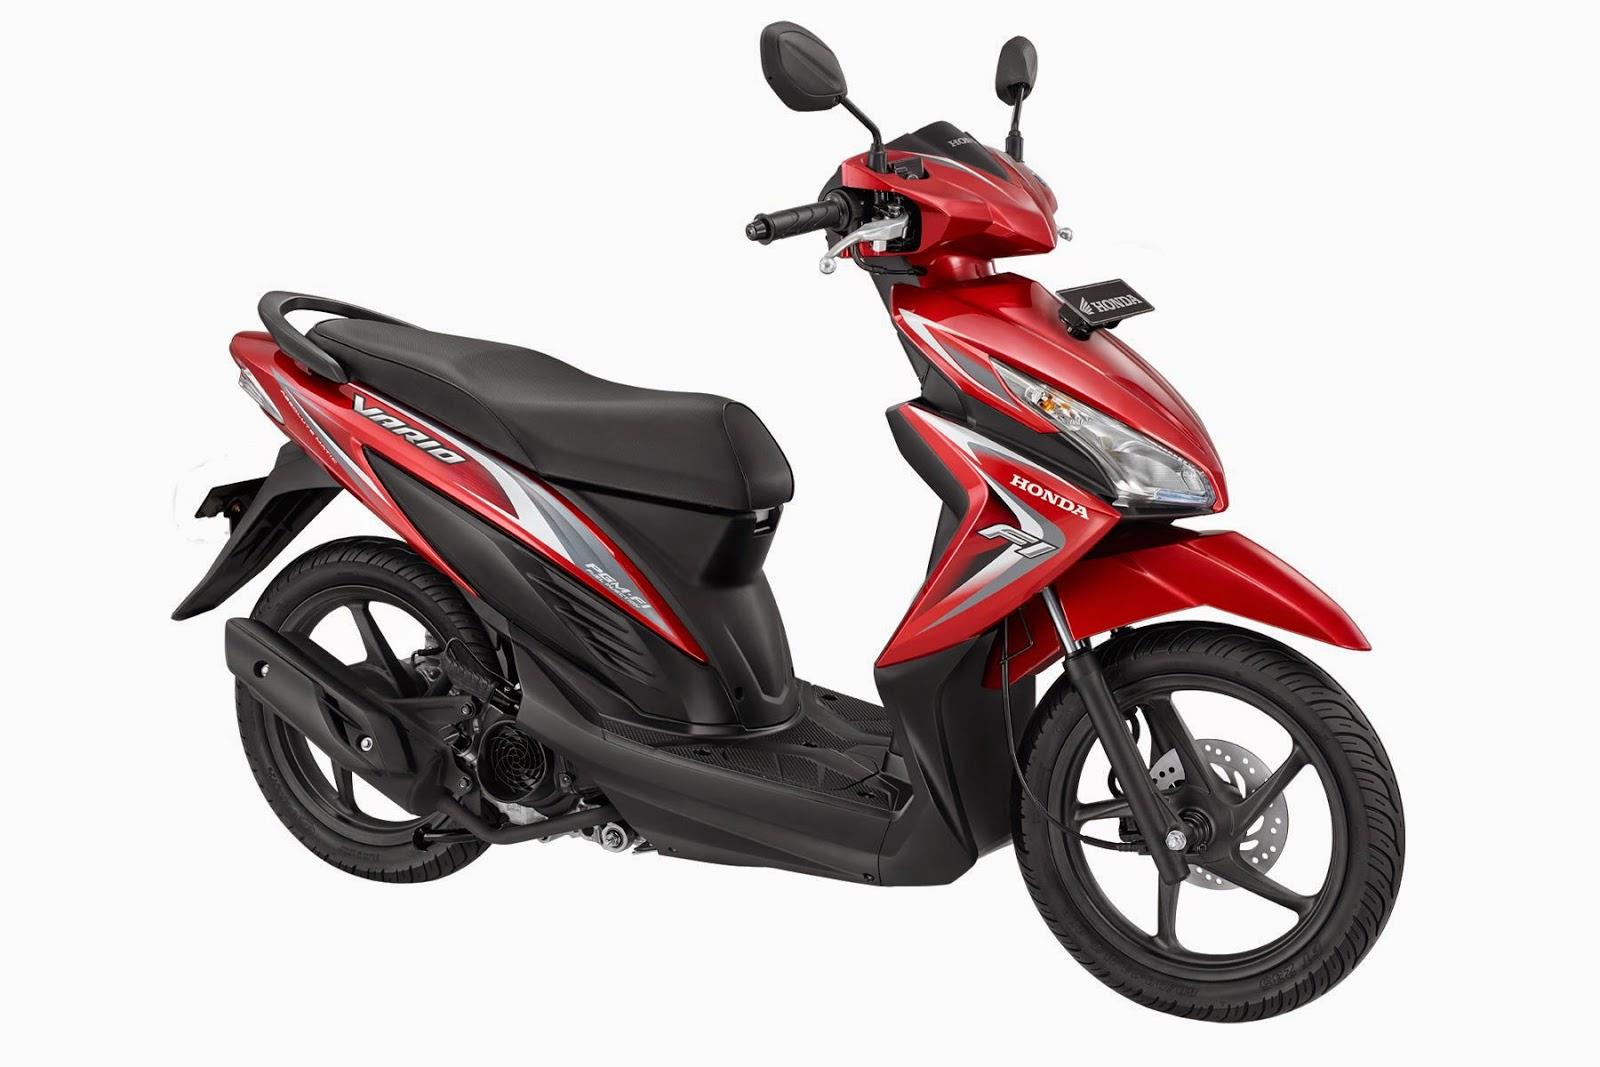 Foto Dan Gambar Modifikasi Honda Vario Techno 125 Keren Terbaru